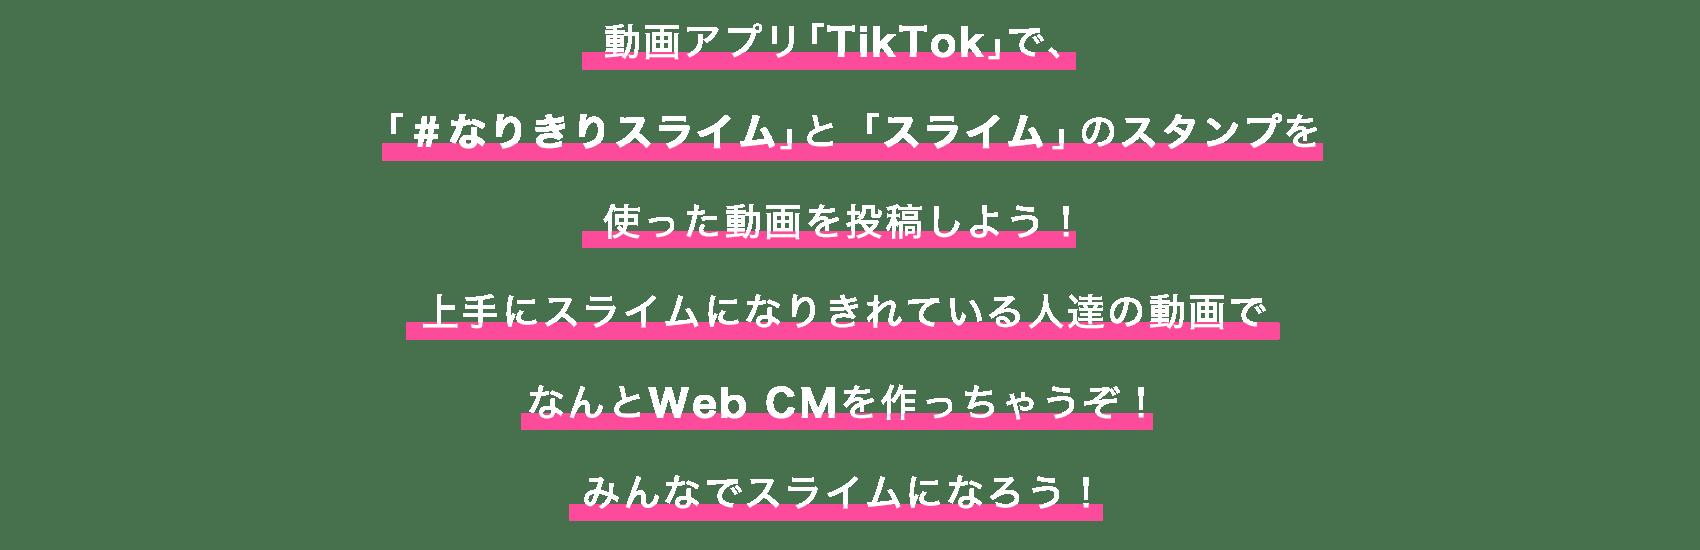 動画アプリ「TikTok」で、「#なりきりスライム」と「スライム」のスタンプを使った動画を投稿しよう!上手にスライムになりきれている人達の動画でなんとWeb CMを作っちゃうぞ!みんなでスライムになろう!